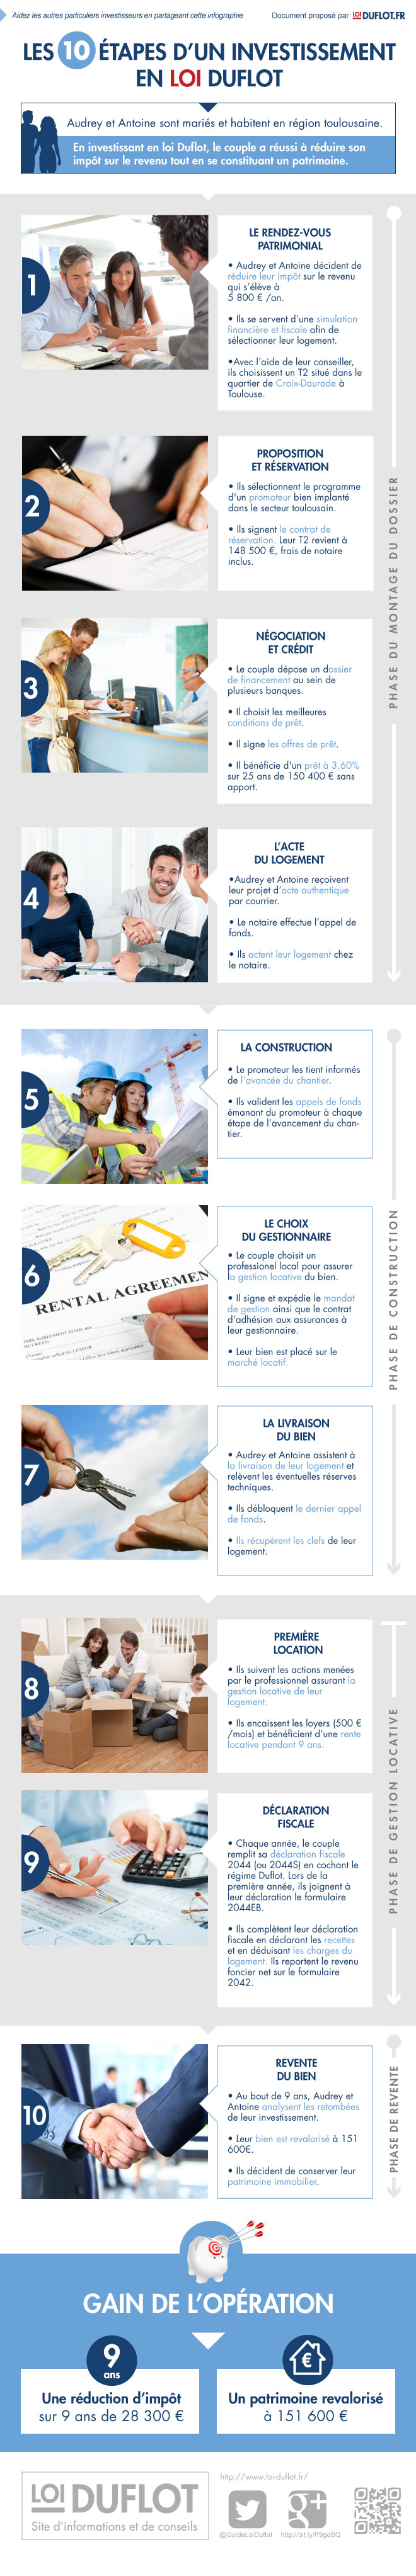 10_etapes-investisemment-loi-duflot-toulouse